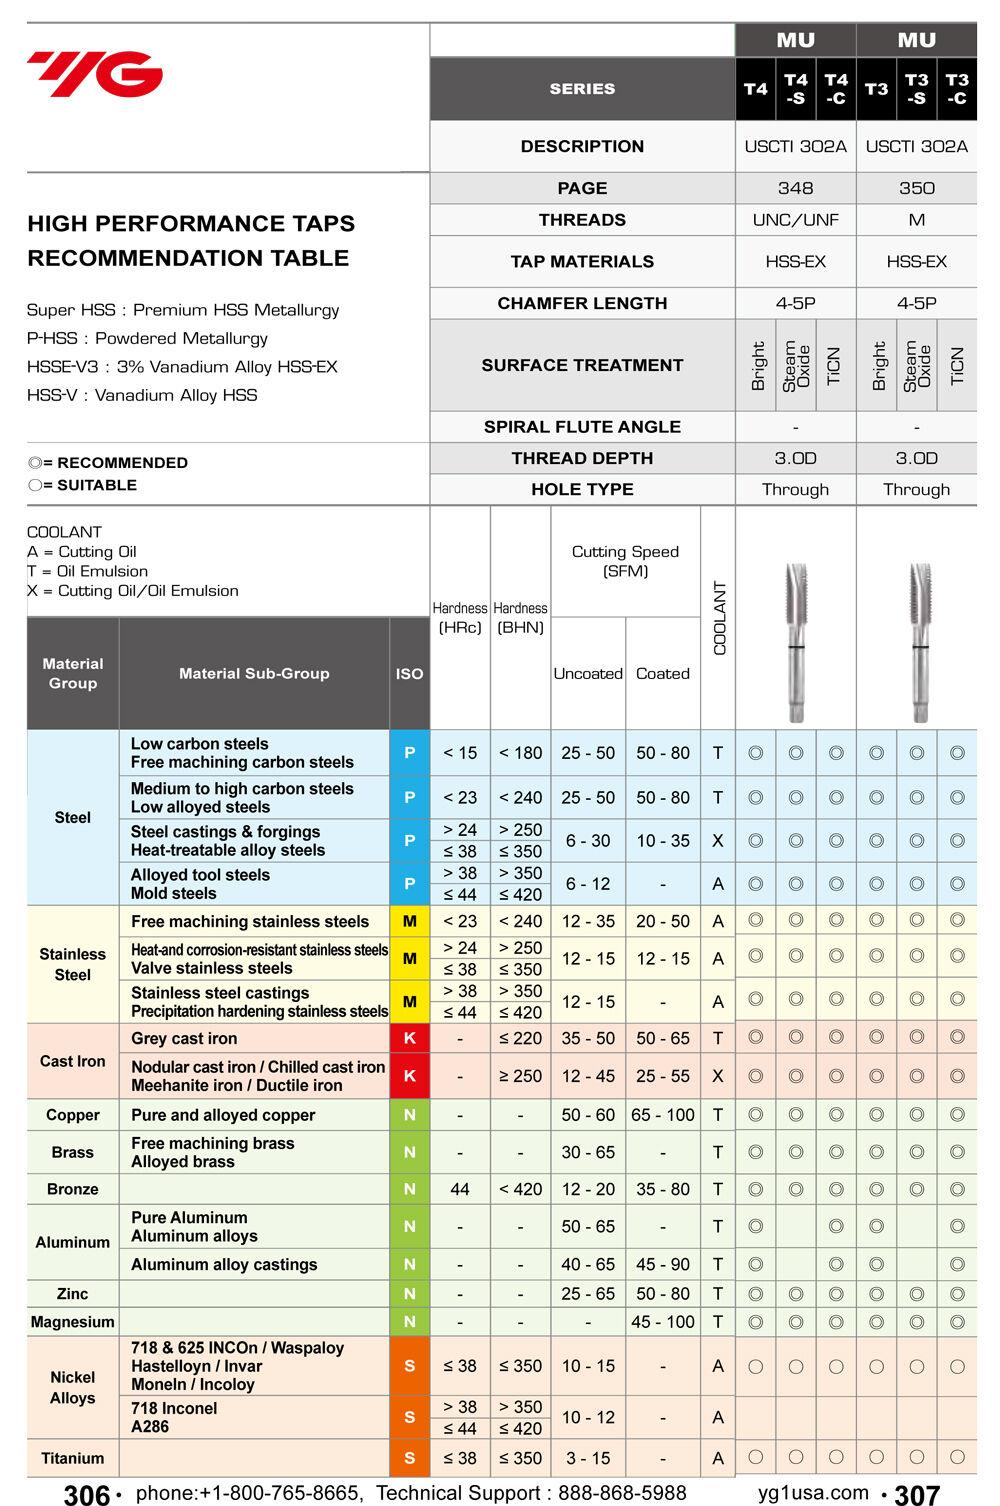 5pcs M5x.8 D4 3 Flute Spiral Point Plug HSS-EX Combo Tap Steam Oxide YG1